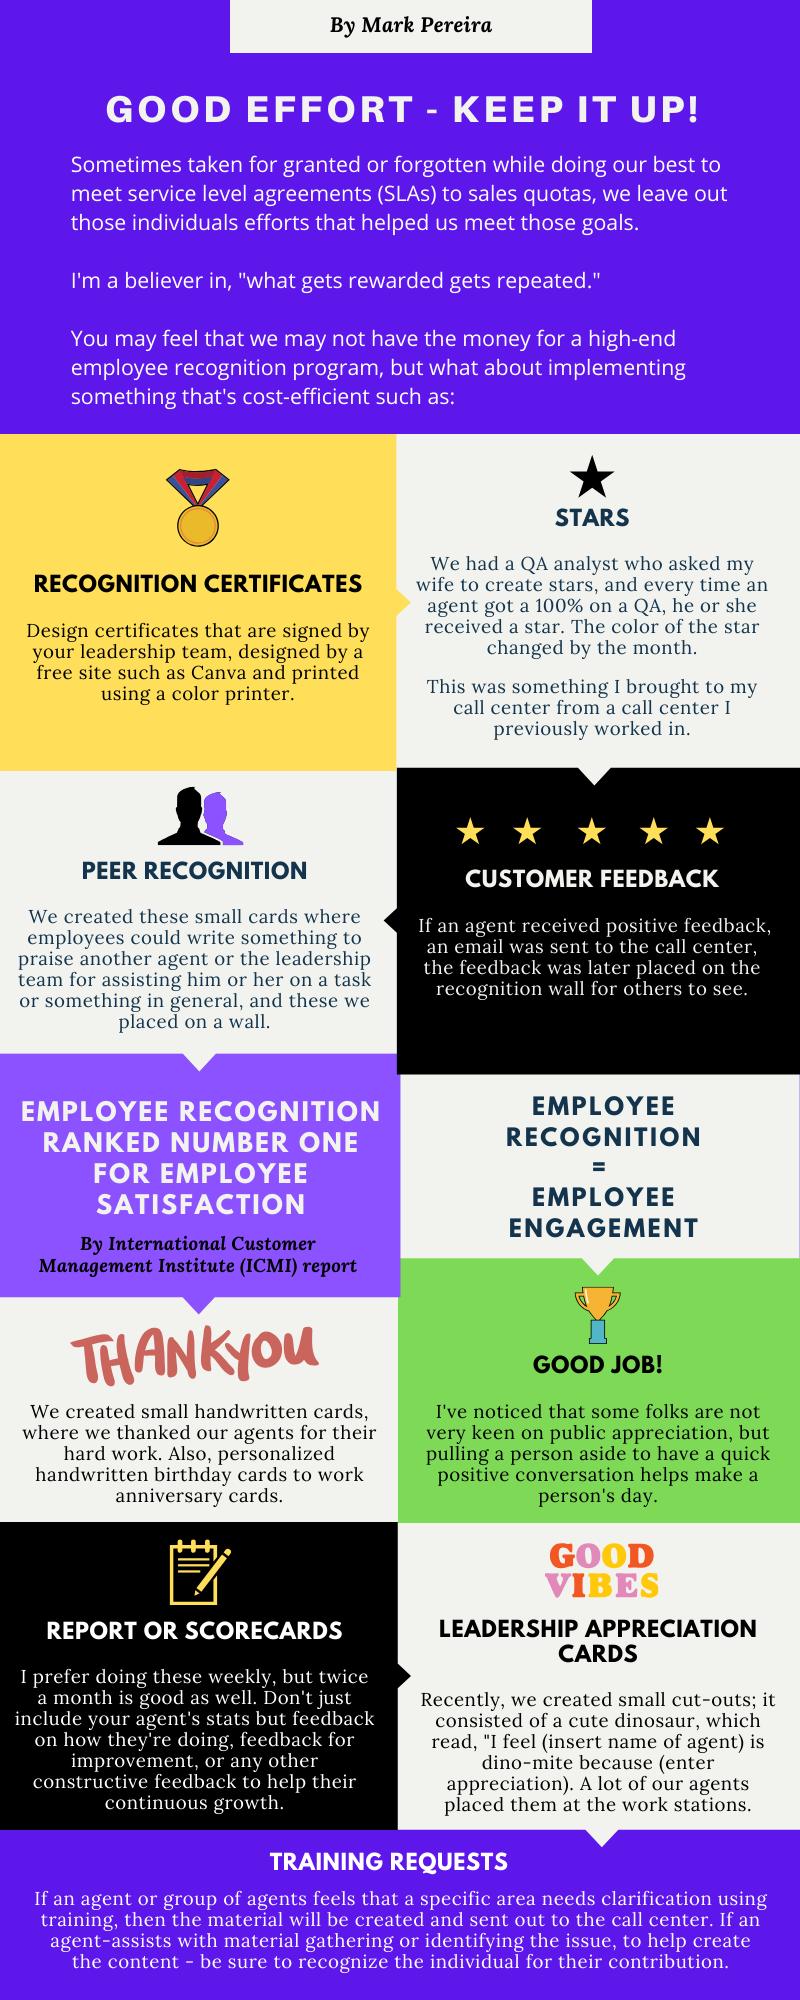 employeerecognition